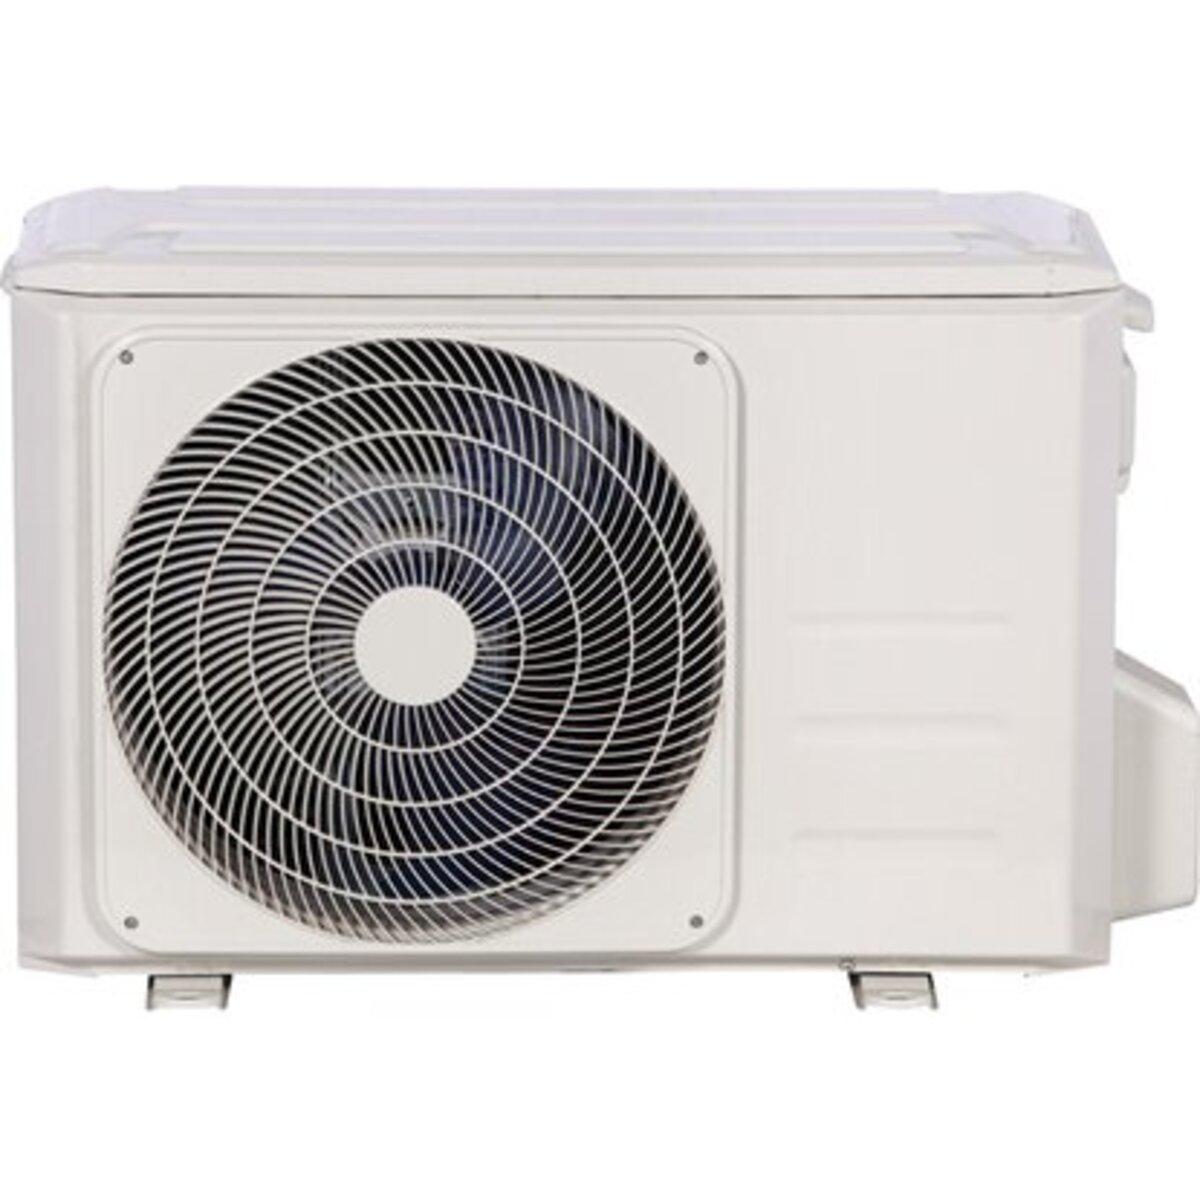 Bild 1 von Comfee Split-Klimagerät 4,6 kW 16.000 BTU EEK: A++